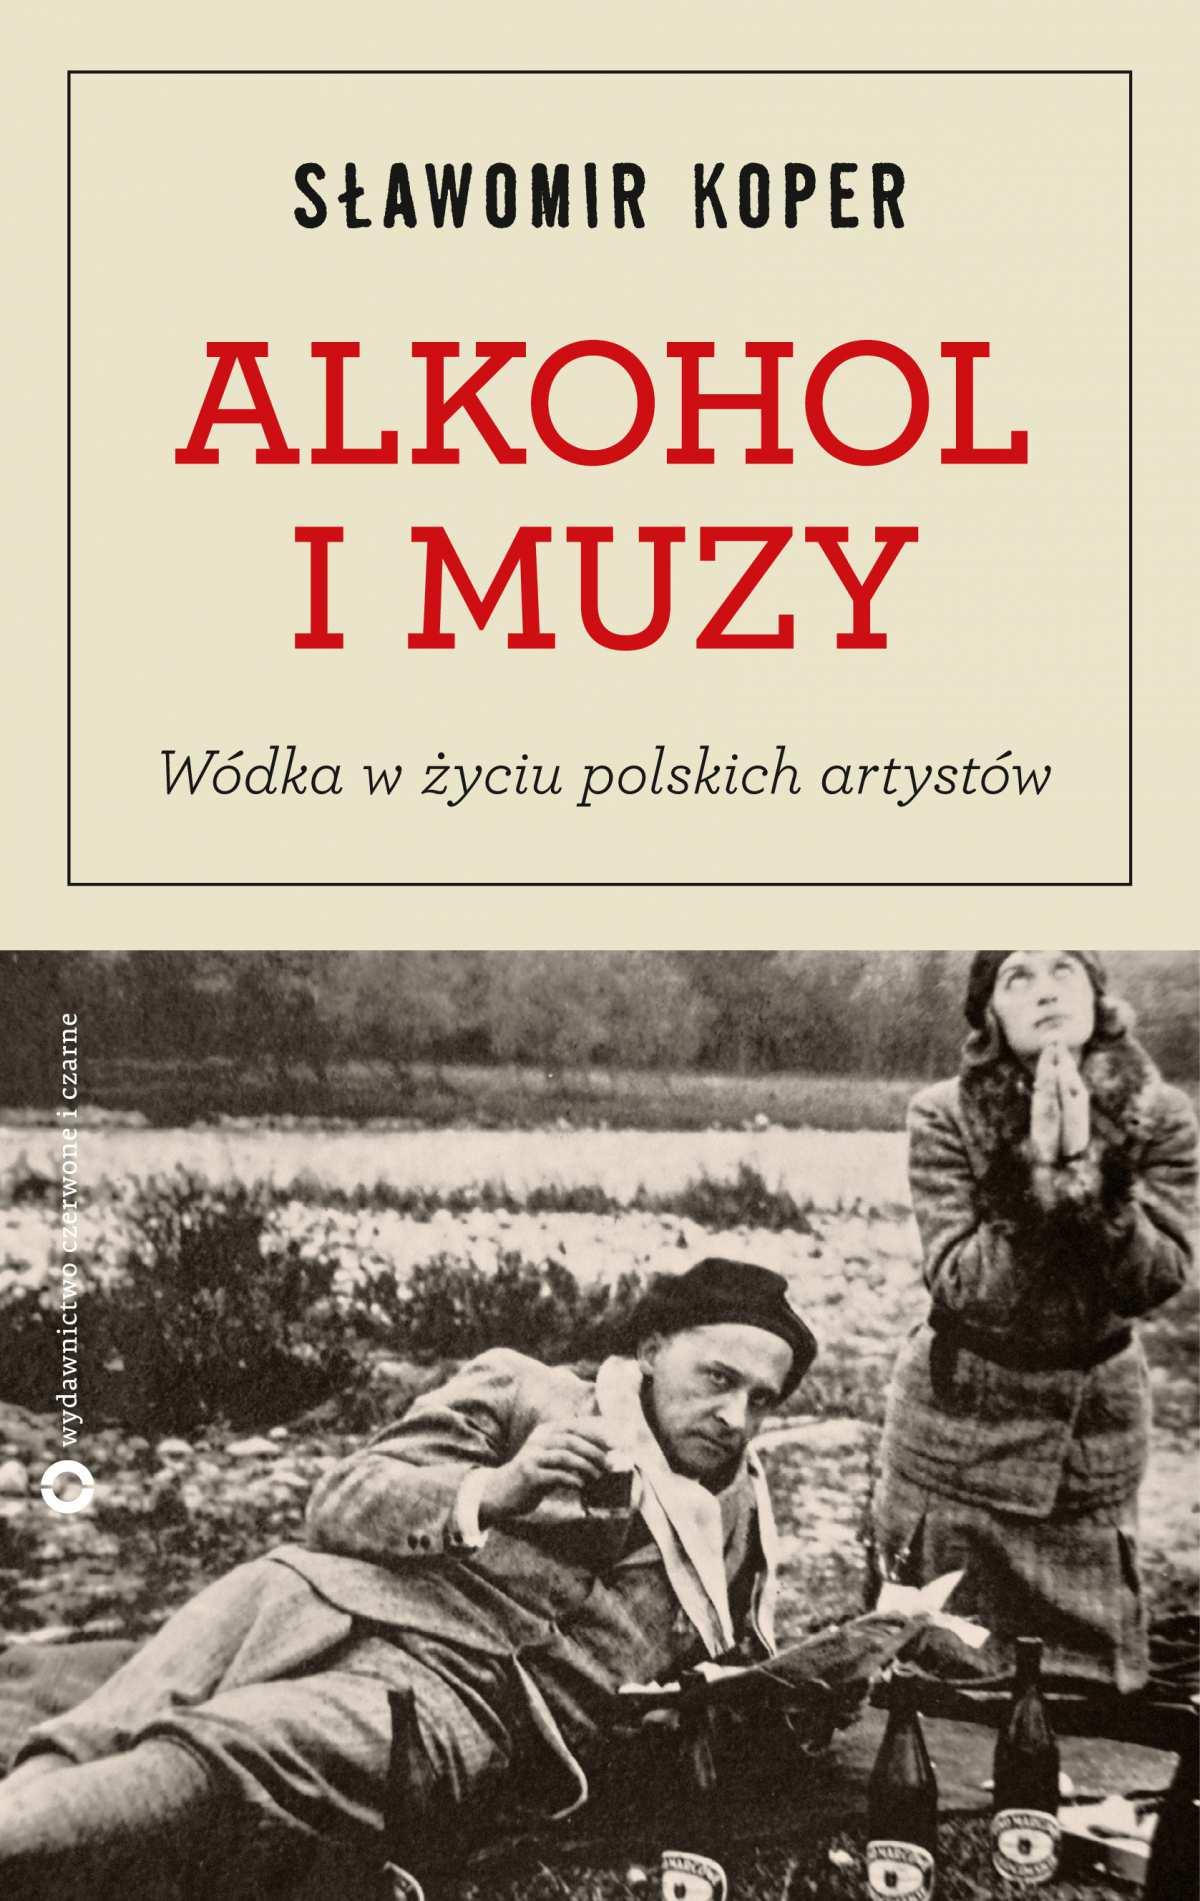 Alkohol i muzy. Wódka w życiu polskich artystów - Ebook (Książka EPUB) do pobrania w formacie EPUB